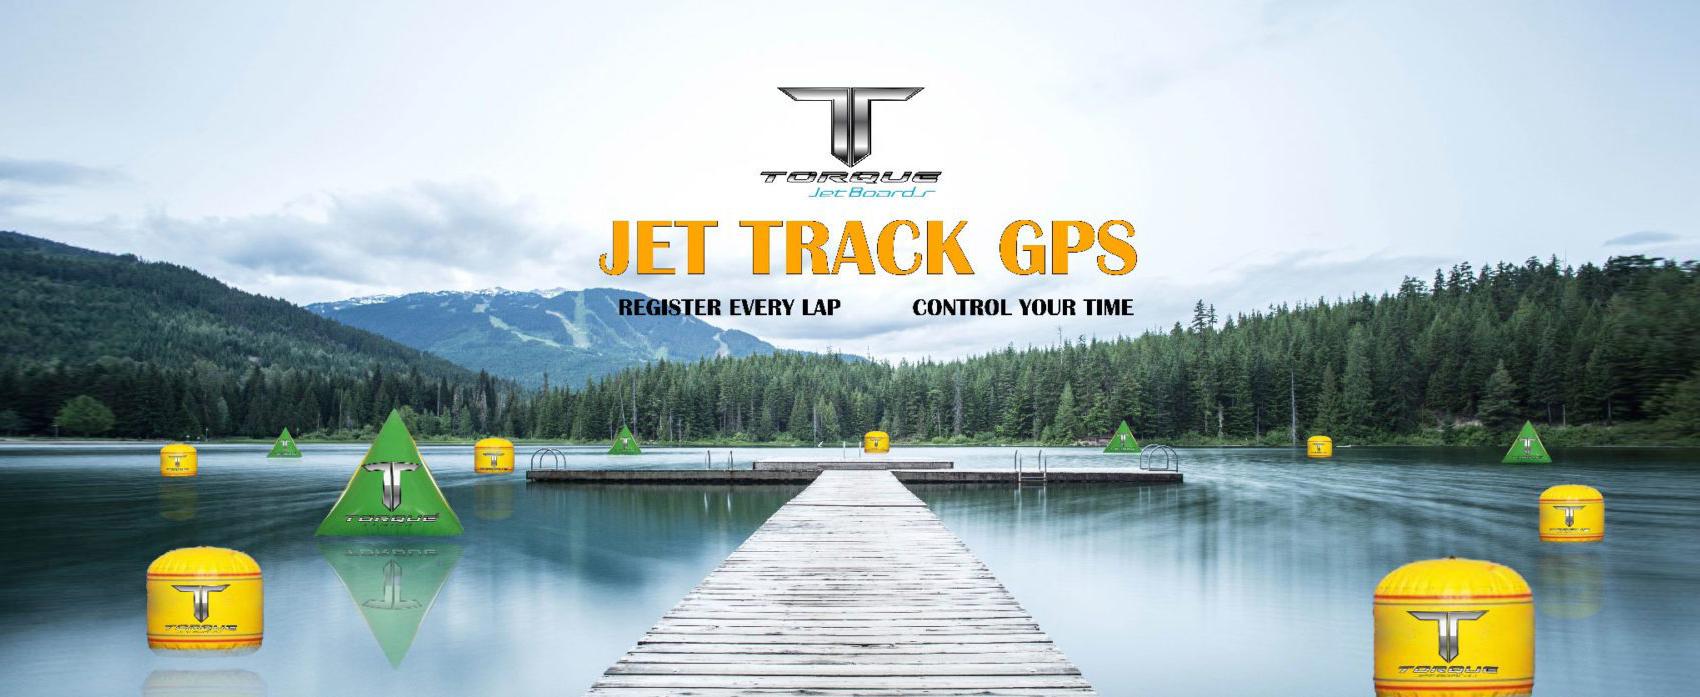 jet track gps